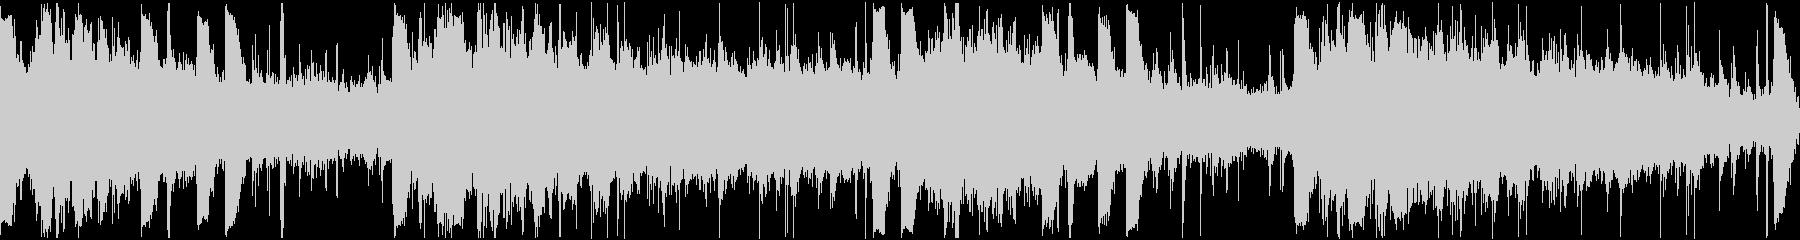 4声のギターによるアンビエント、チルの未再生の波形